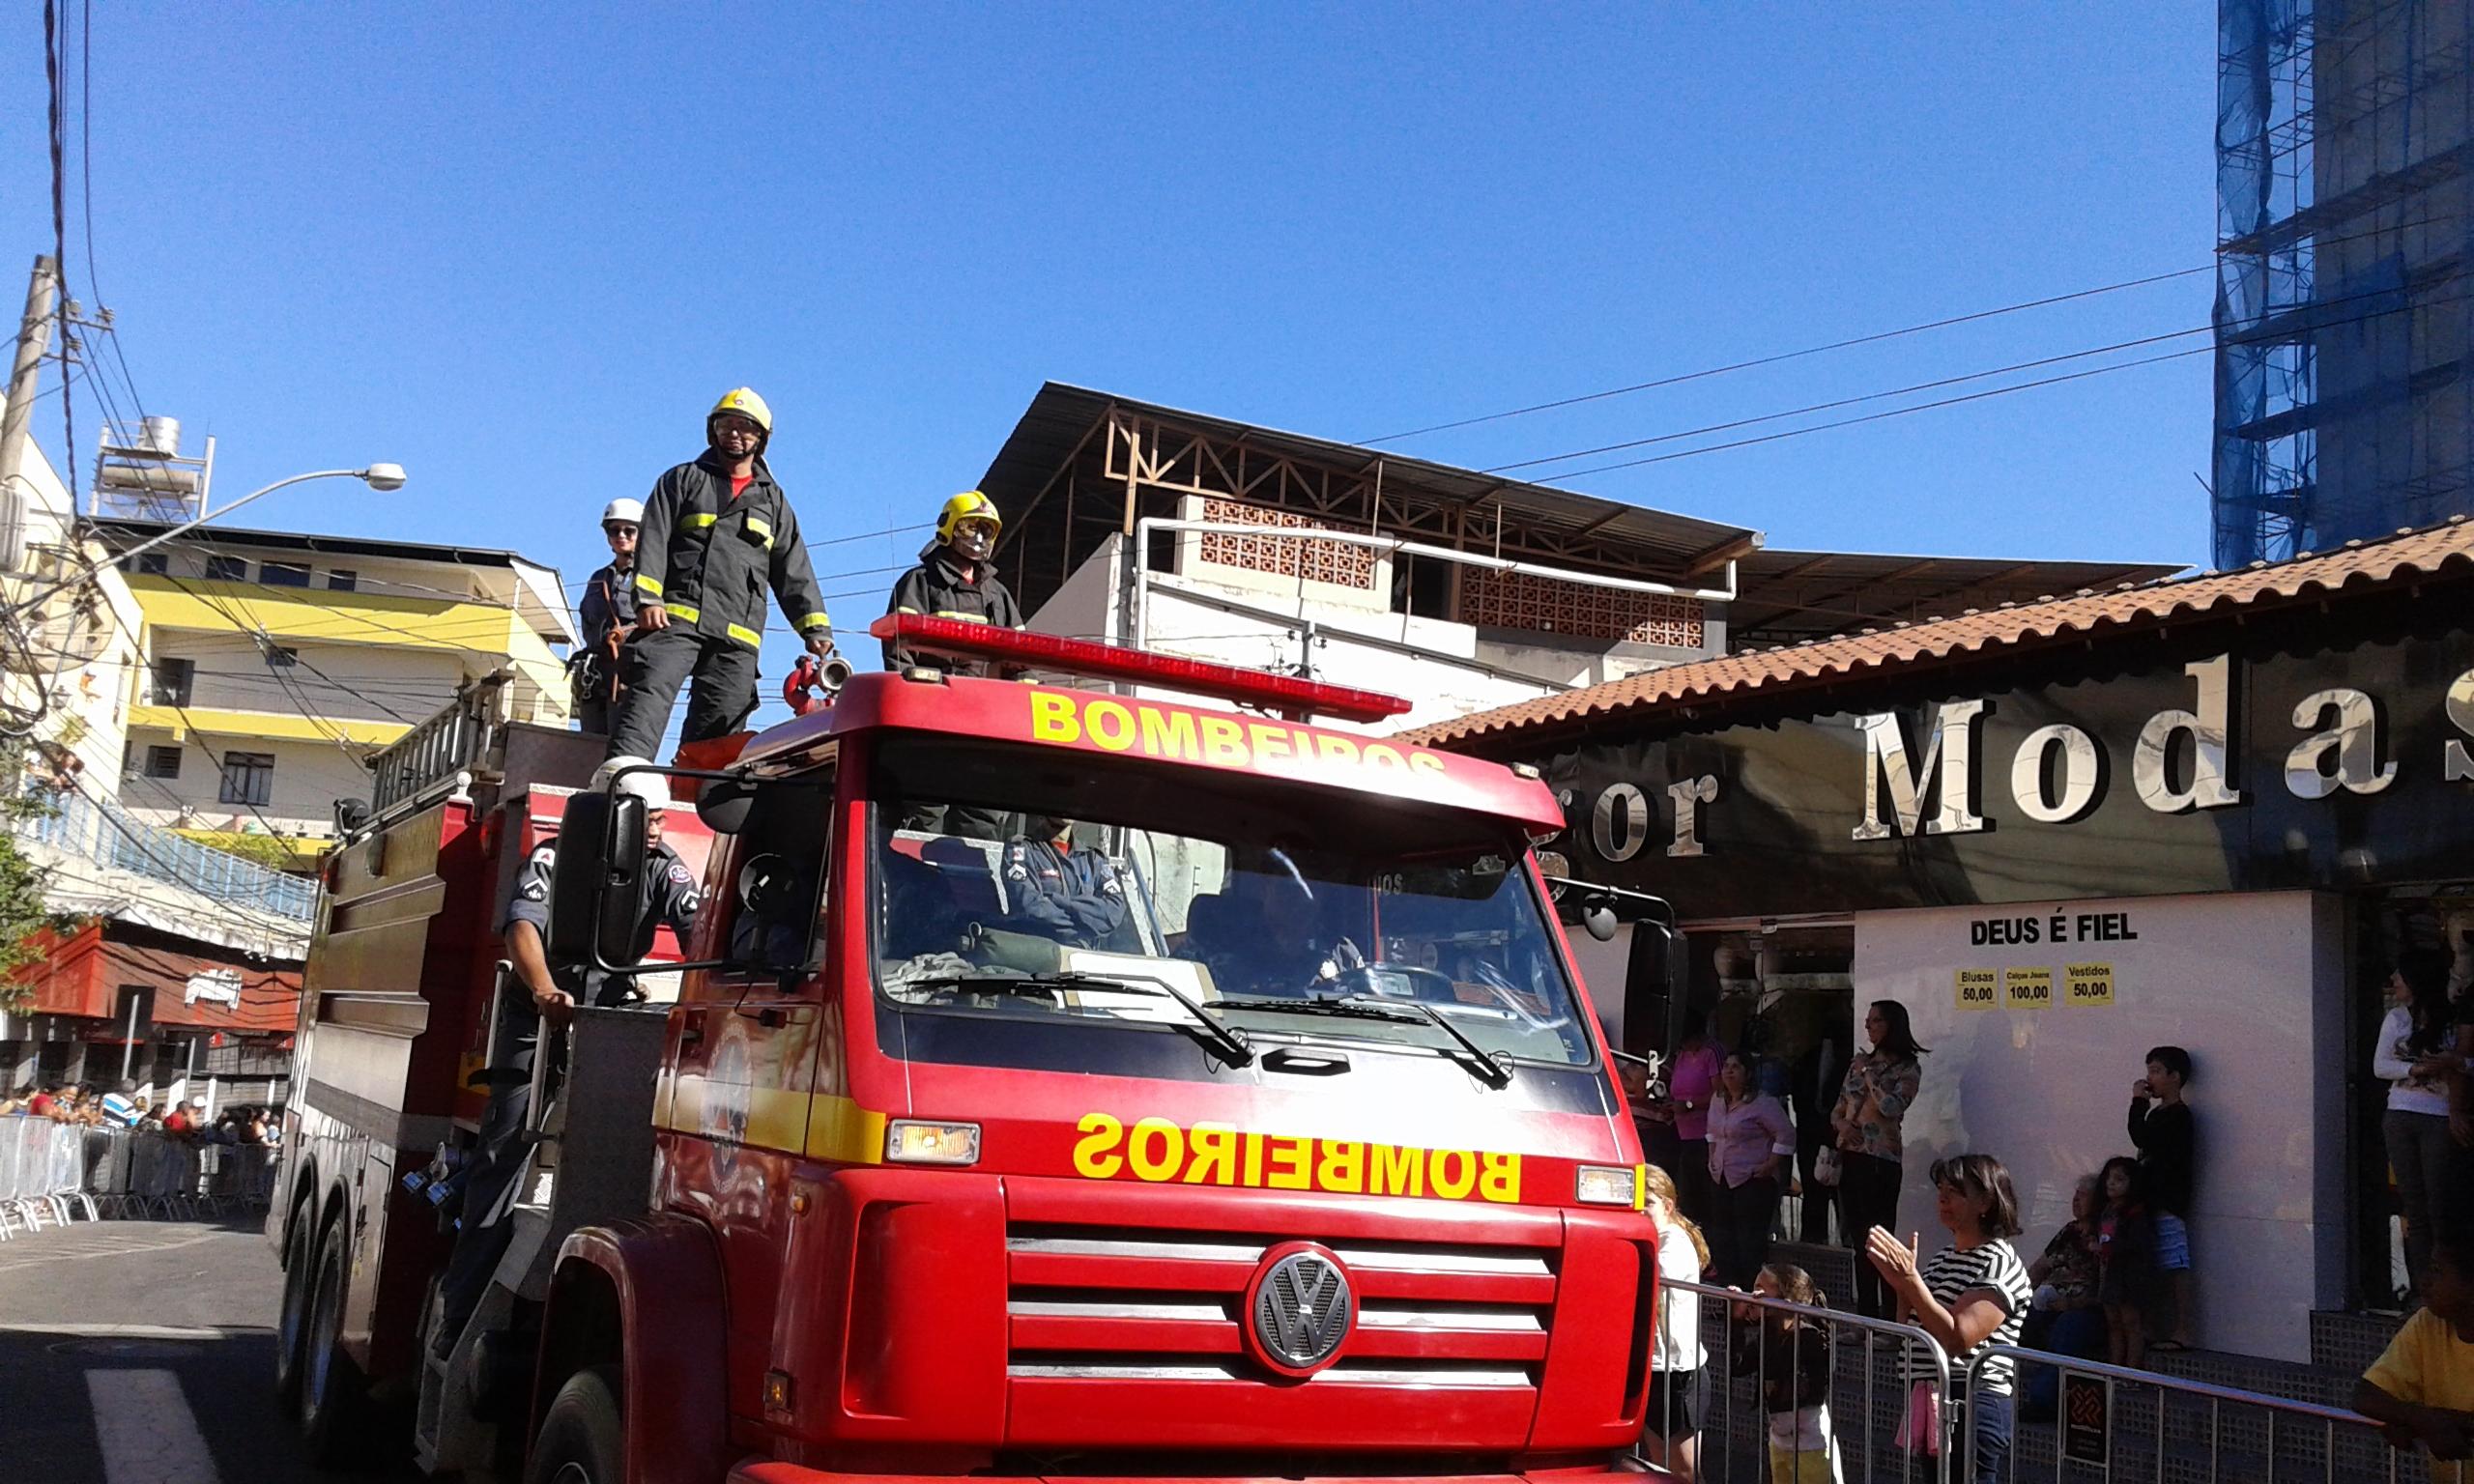 bombeiros odivelas pt encontros